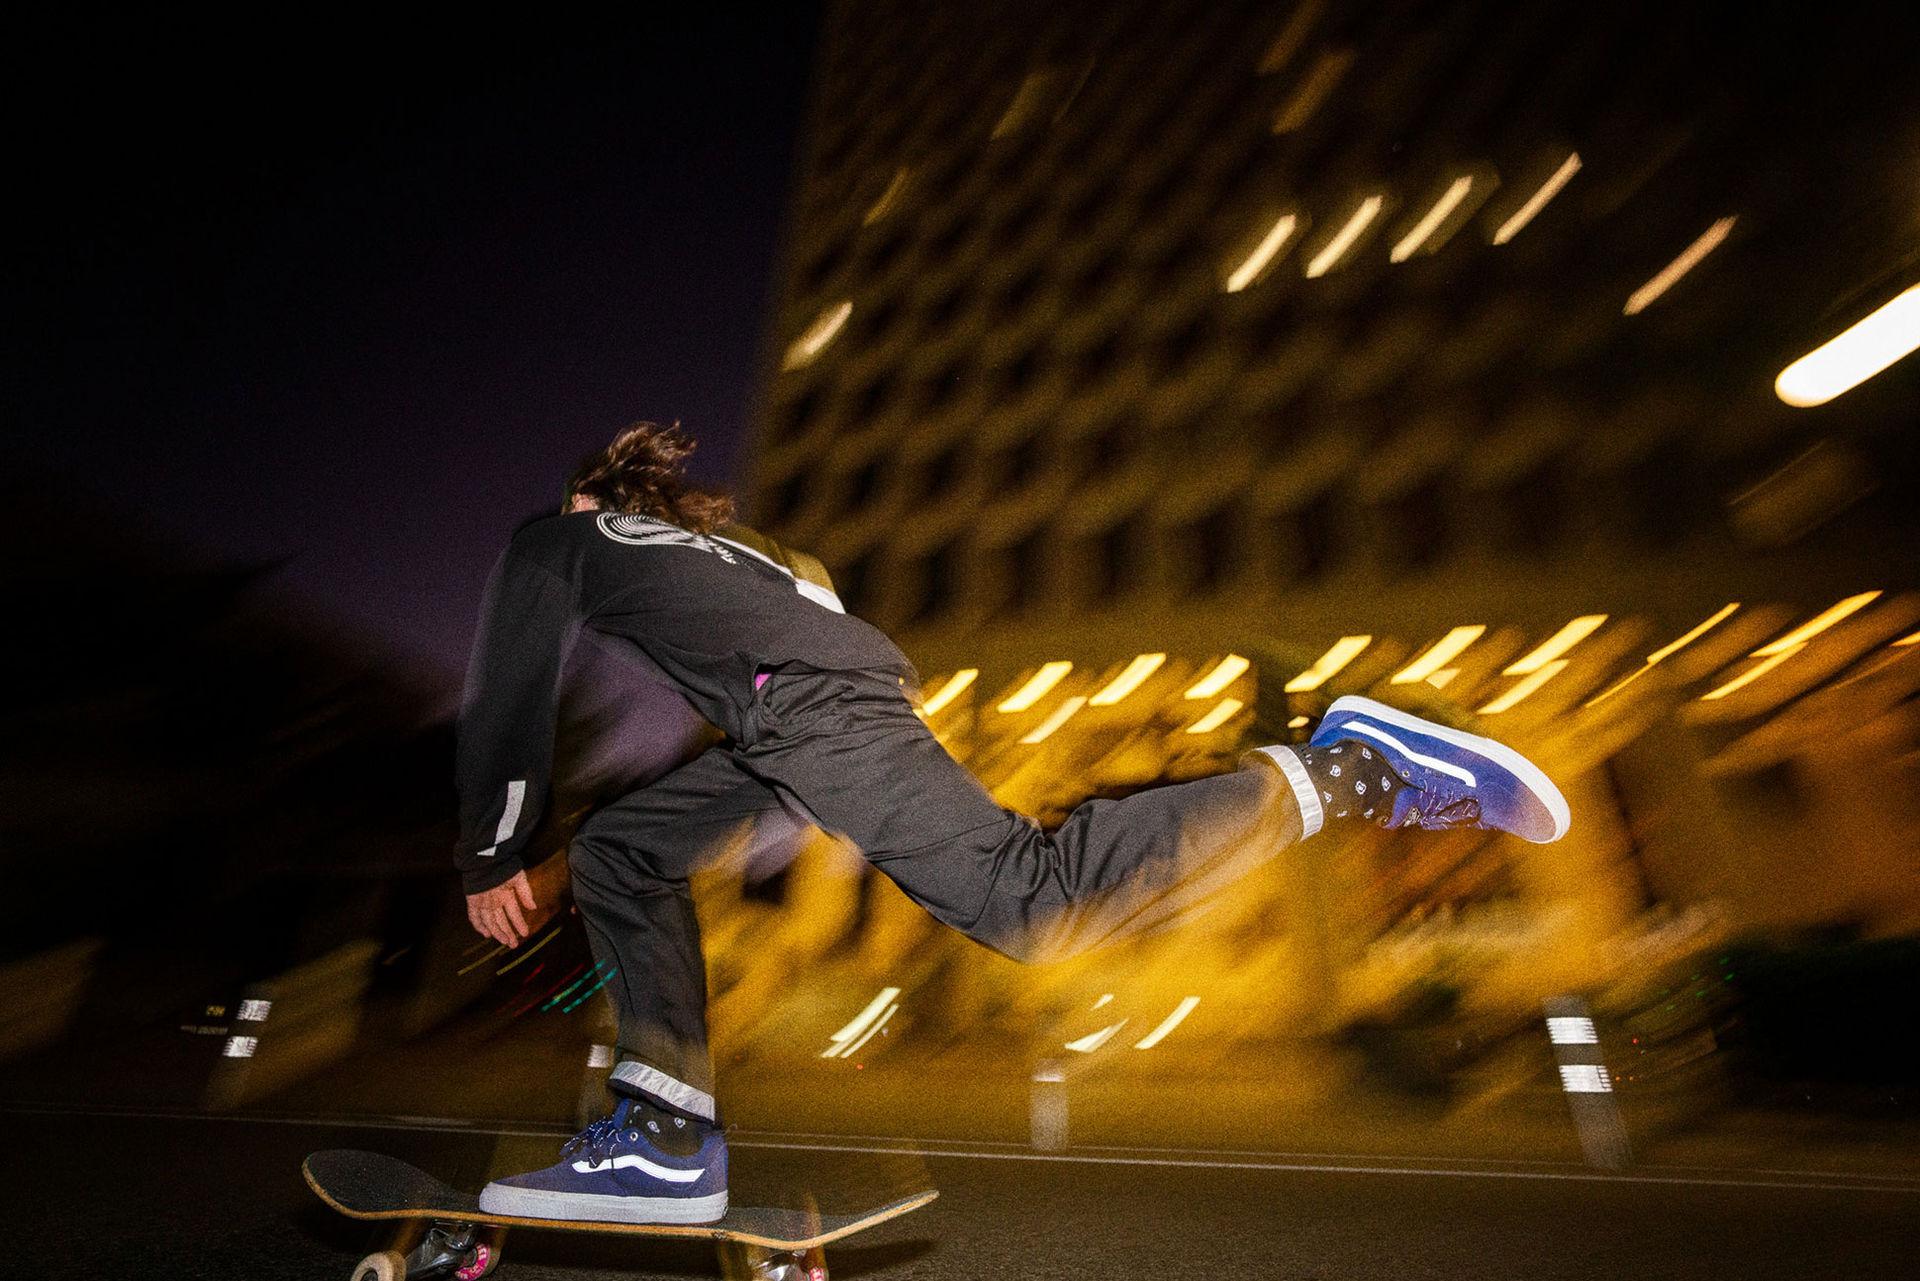 Vans-kollektion designad av skateboardåkare